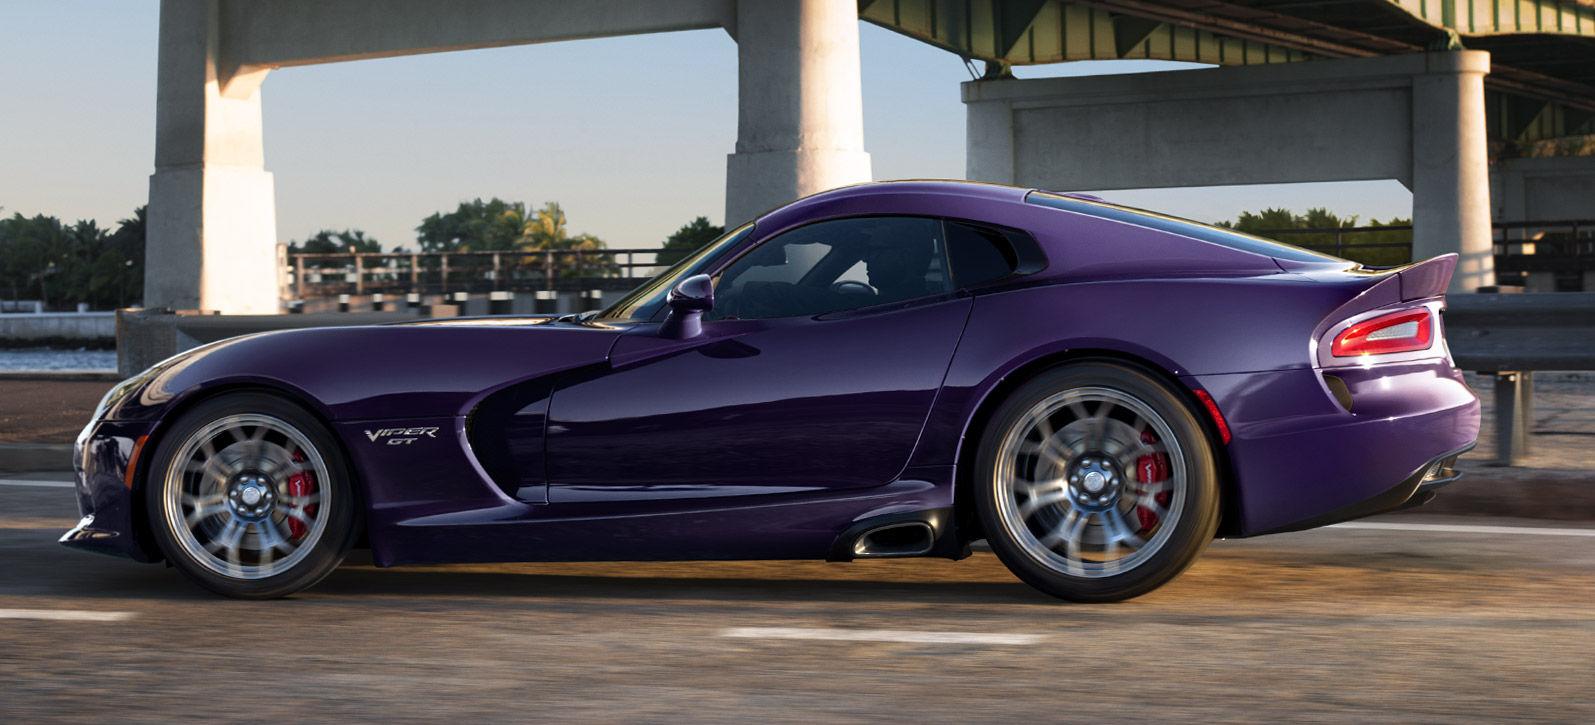 New Dodge Viper Exterior image 2